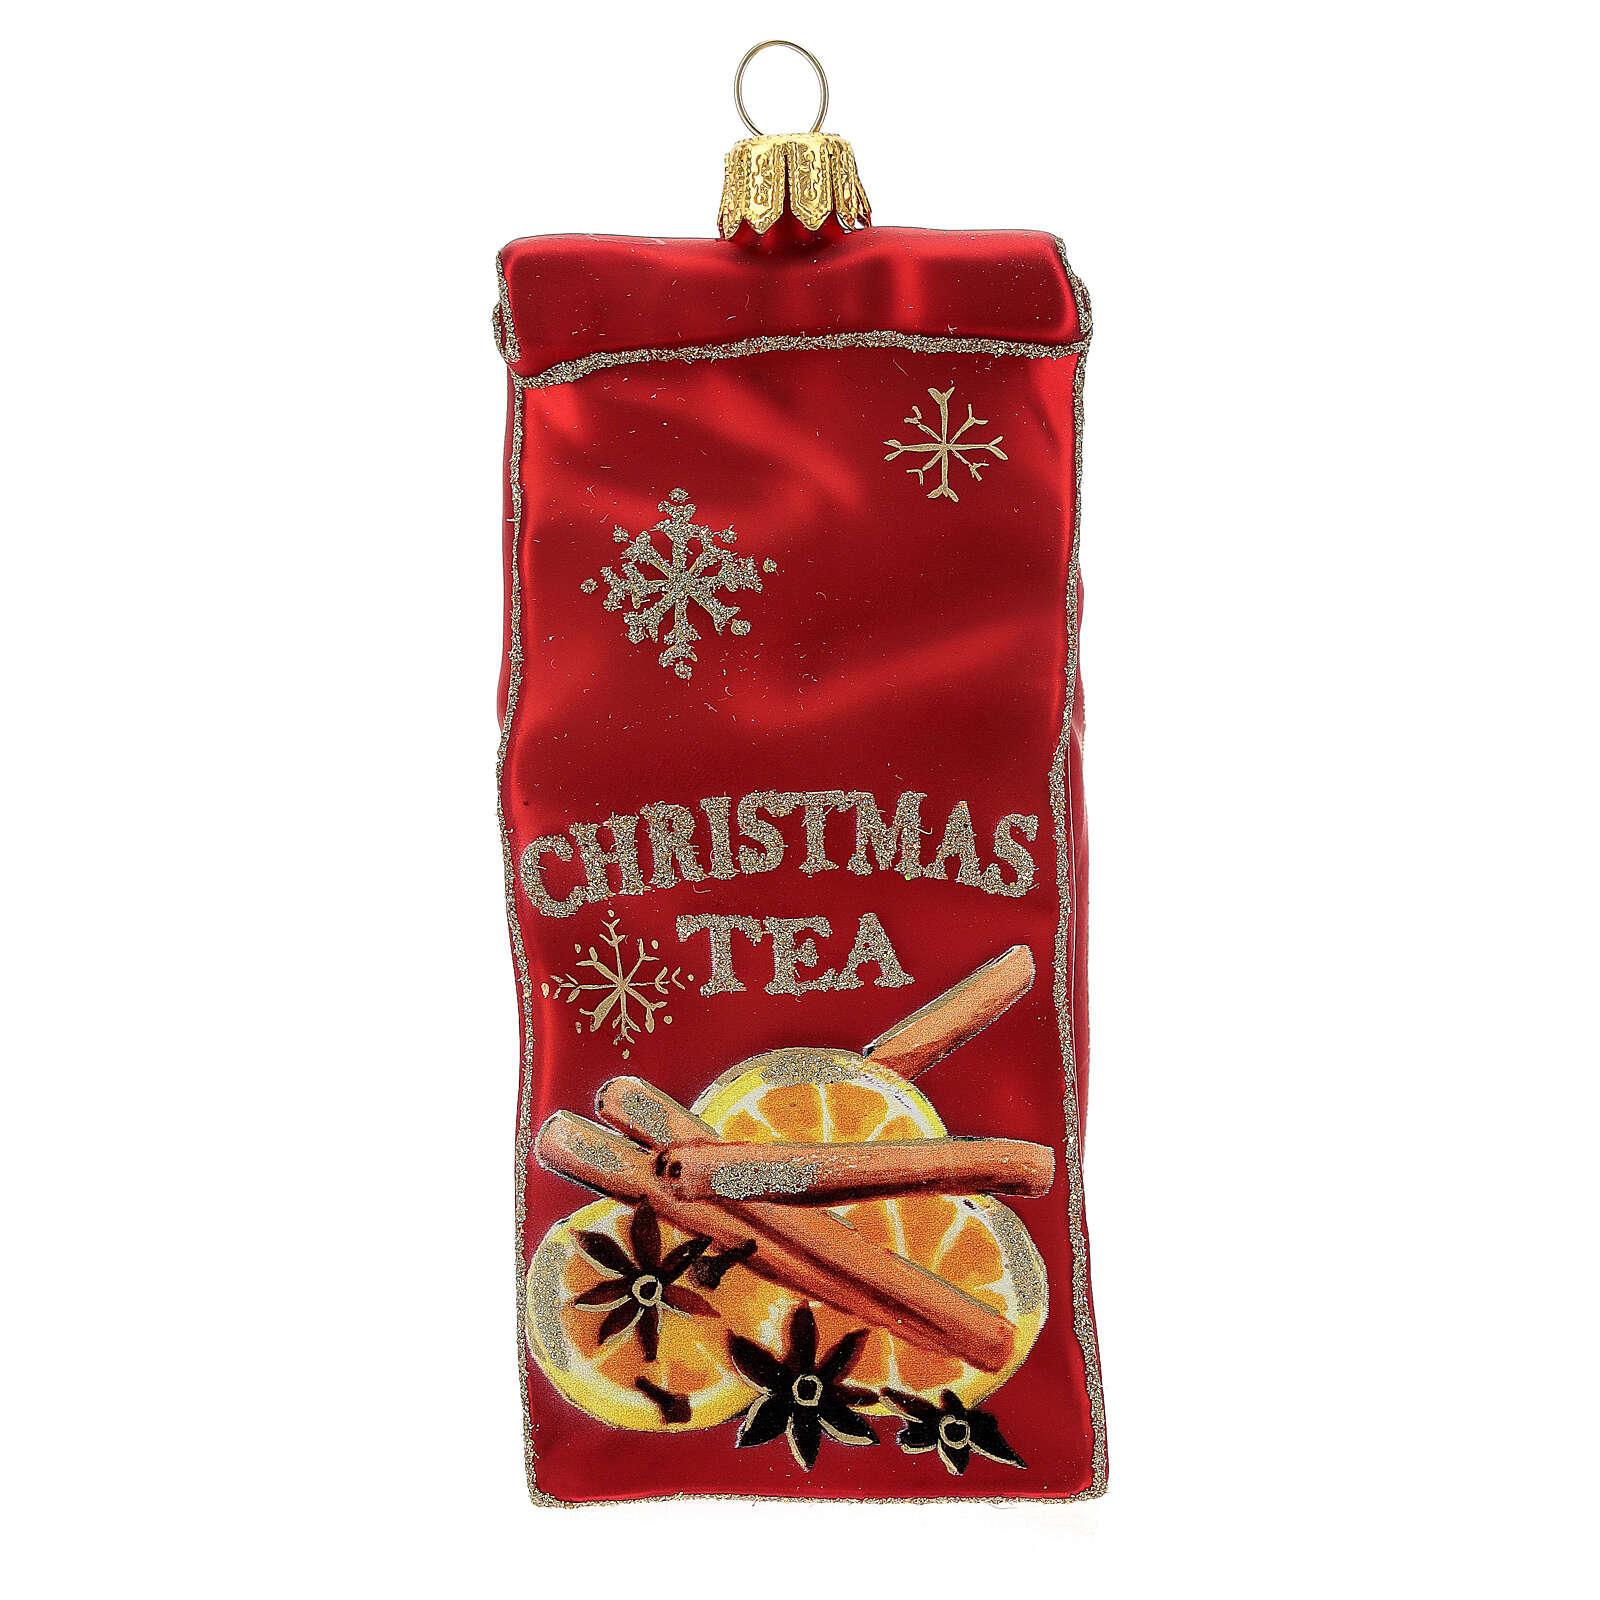 Thé sachet décoration sapin Noël verre soufflé 4